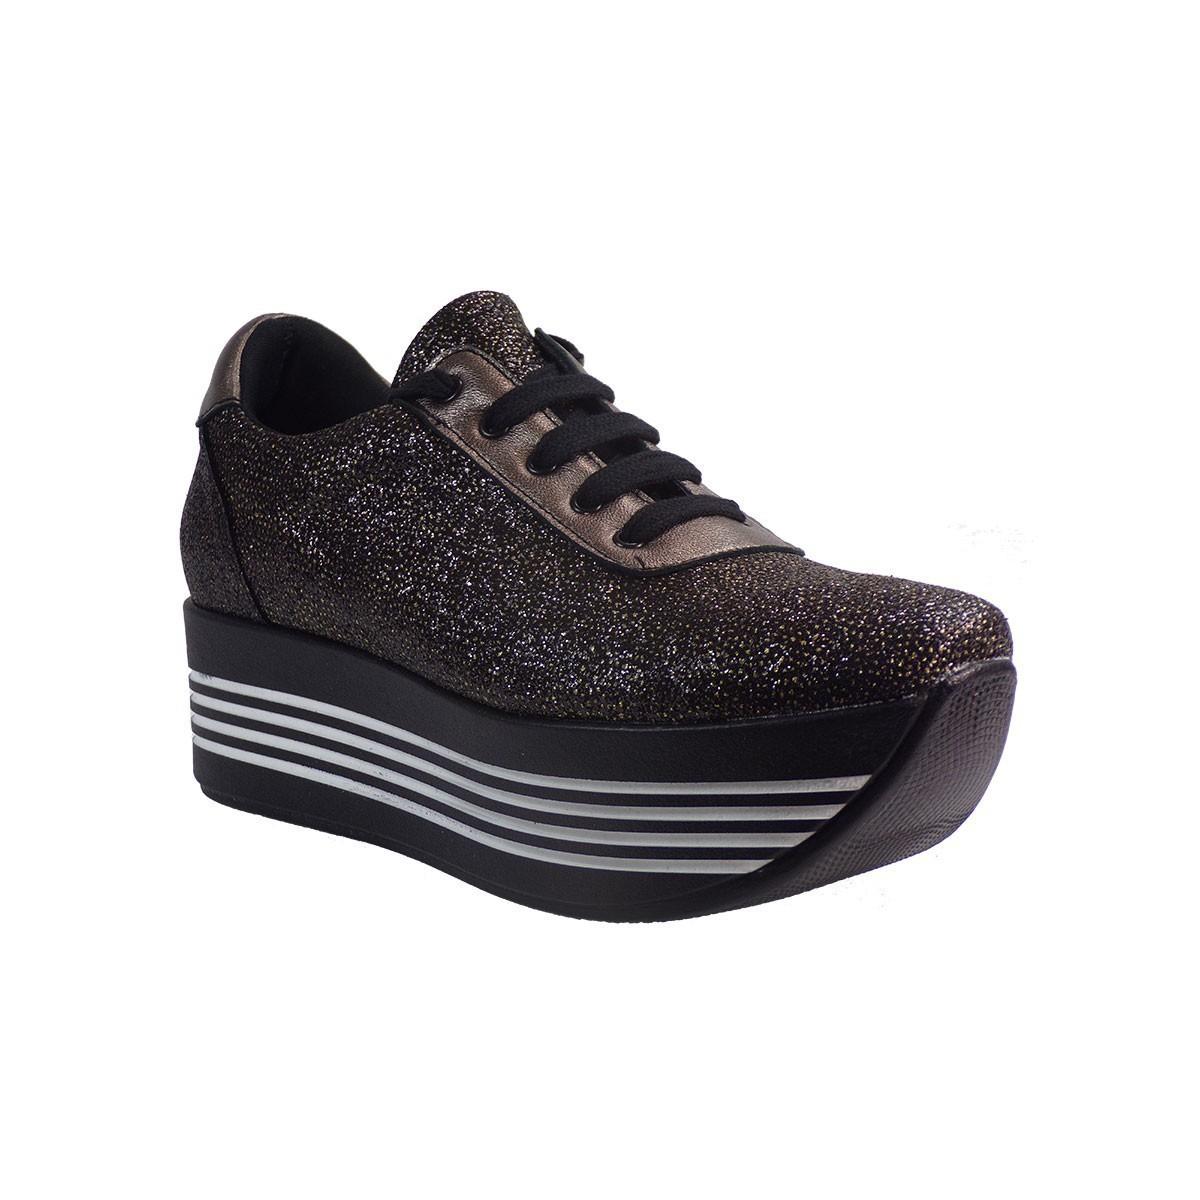 SMART CRONOS Γυναικεία Παπούτσια Sneakers 6704/1055 Μπρονζέ Δέρμα